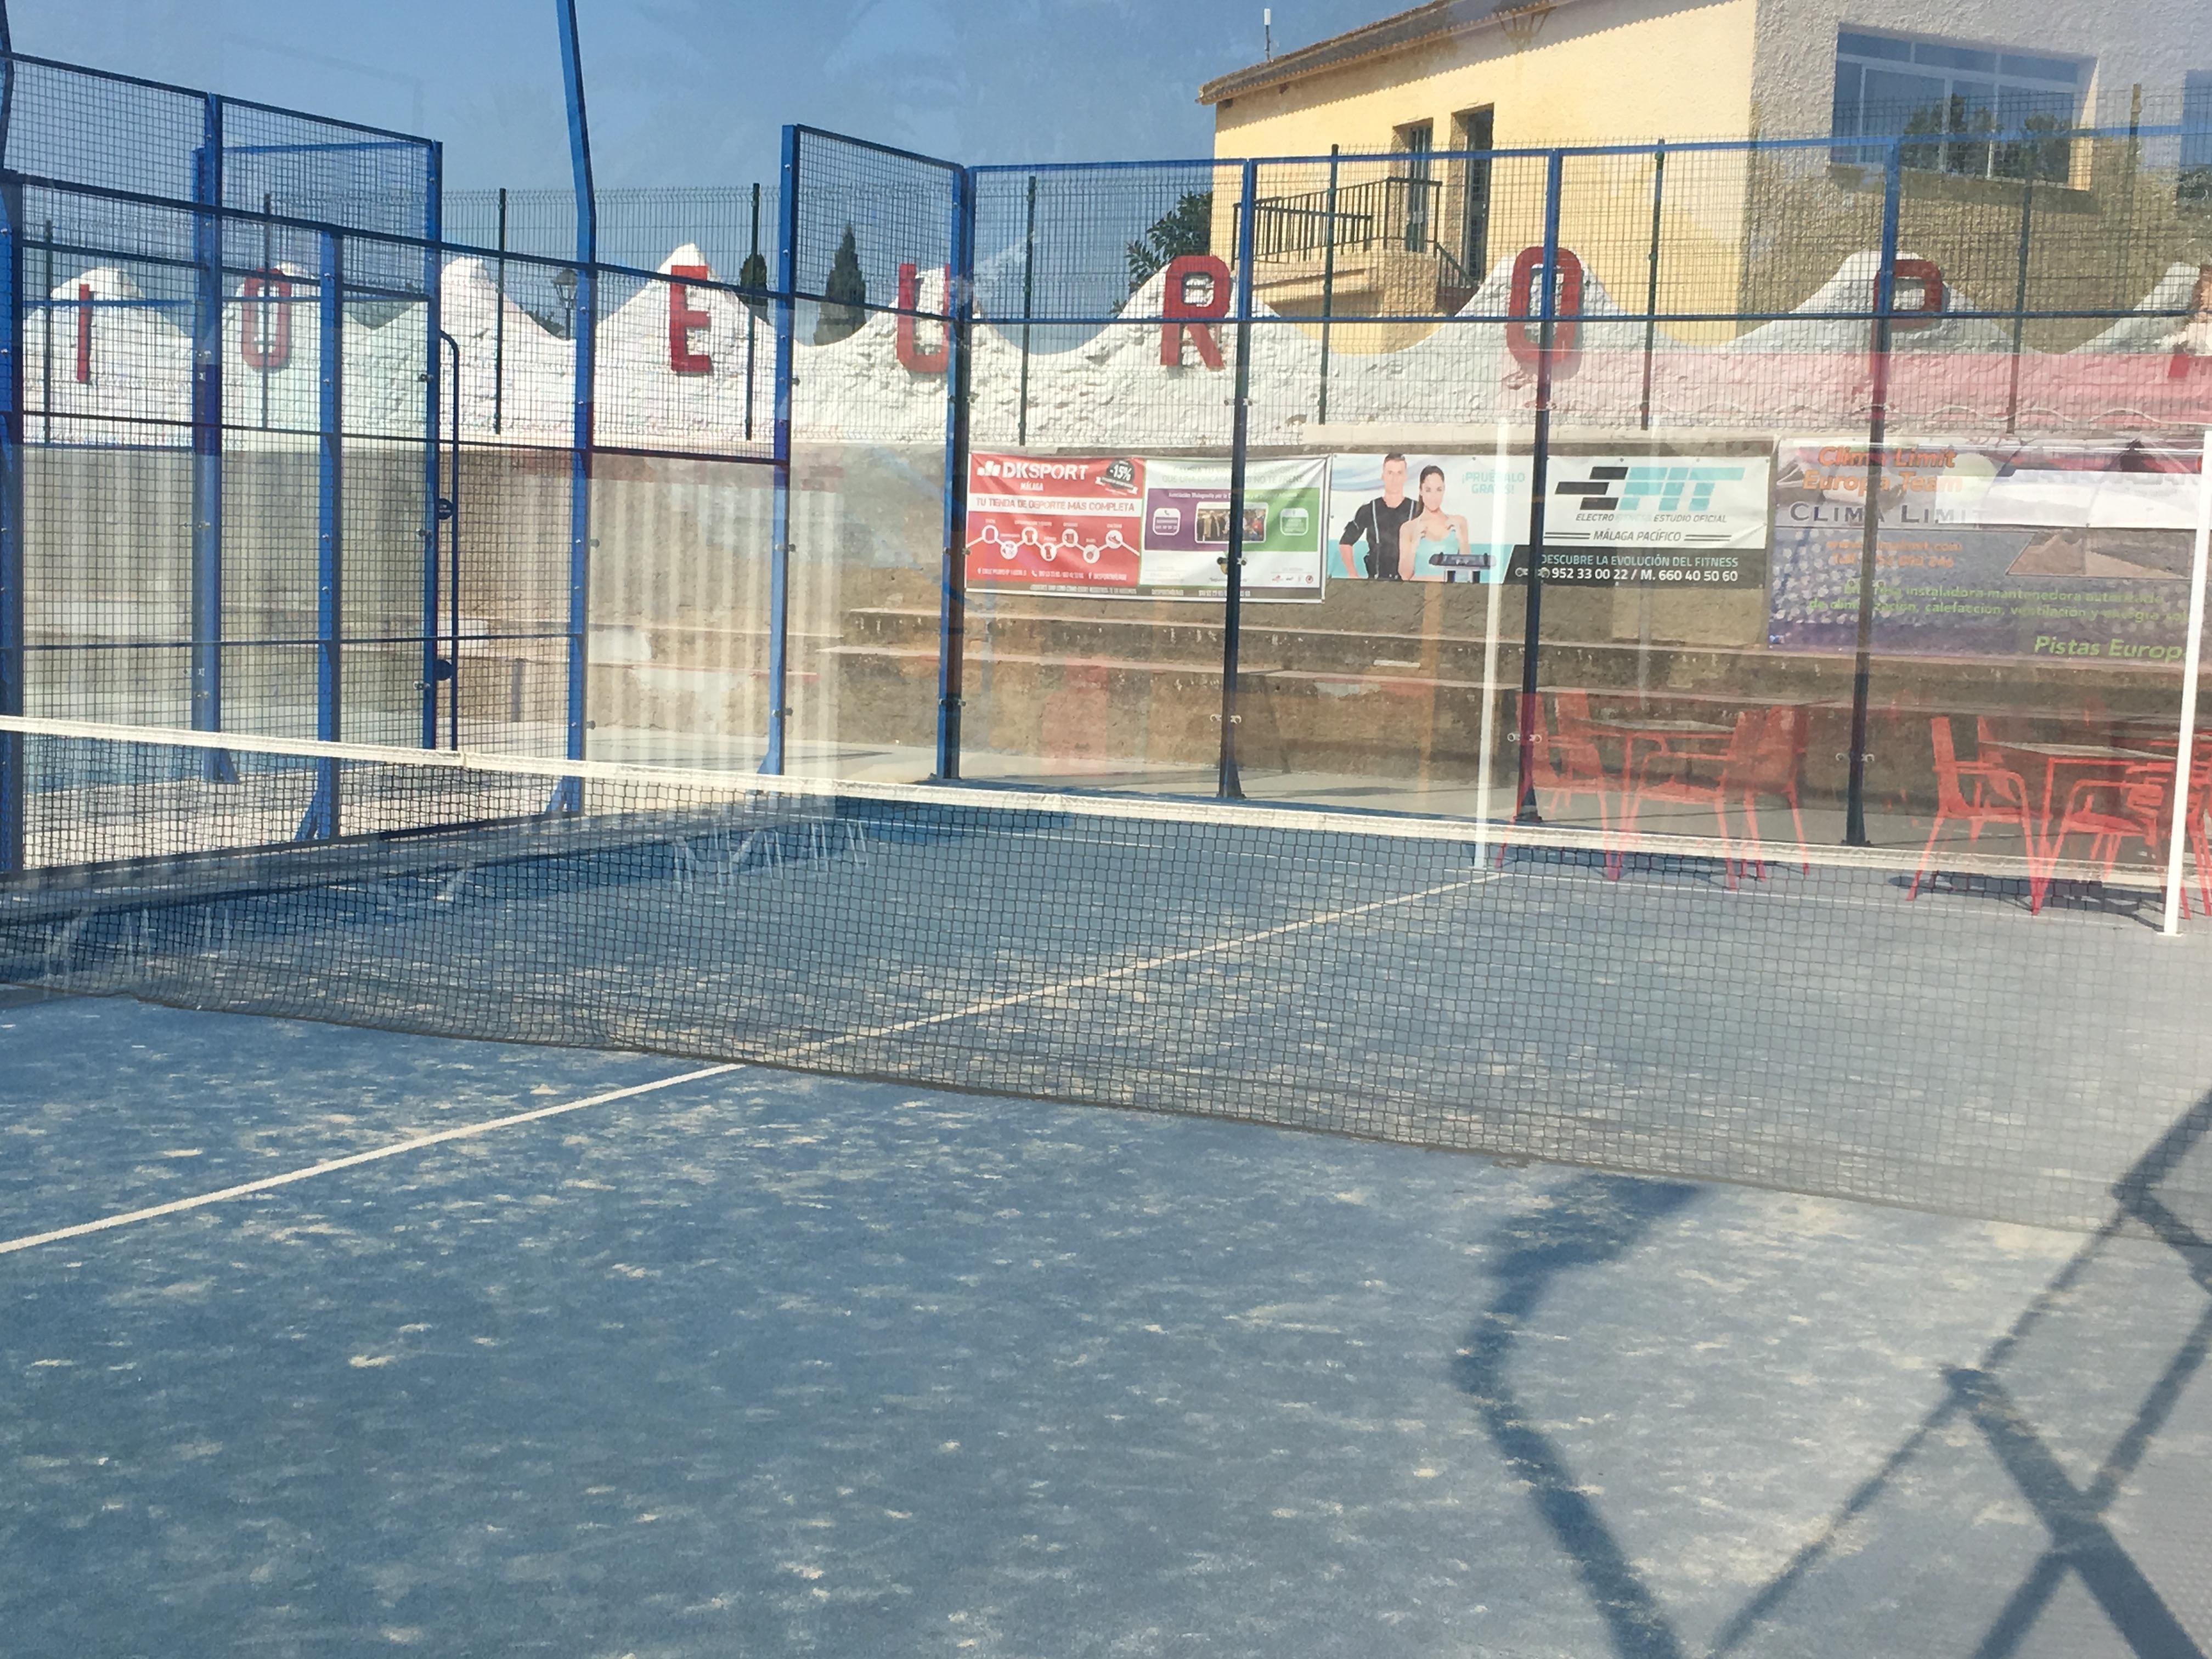 Pistas de padel tenis y f tbol 7 colegio europa puerto for Pistas de padel malaga